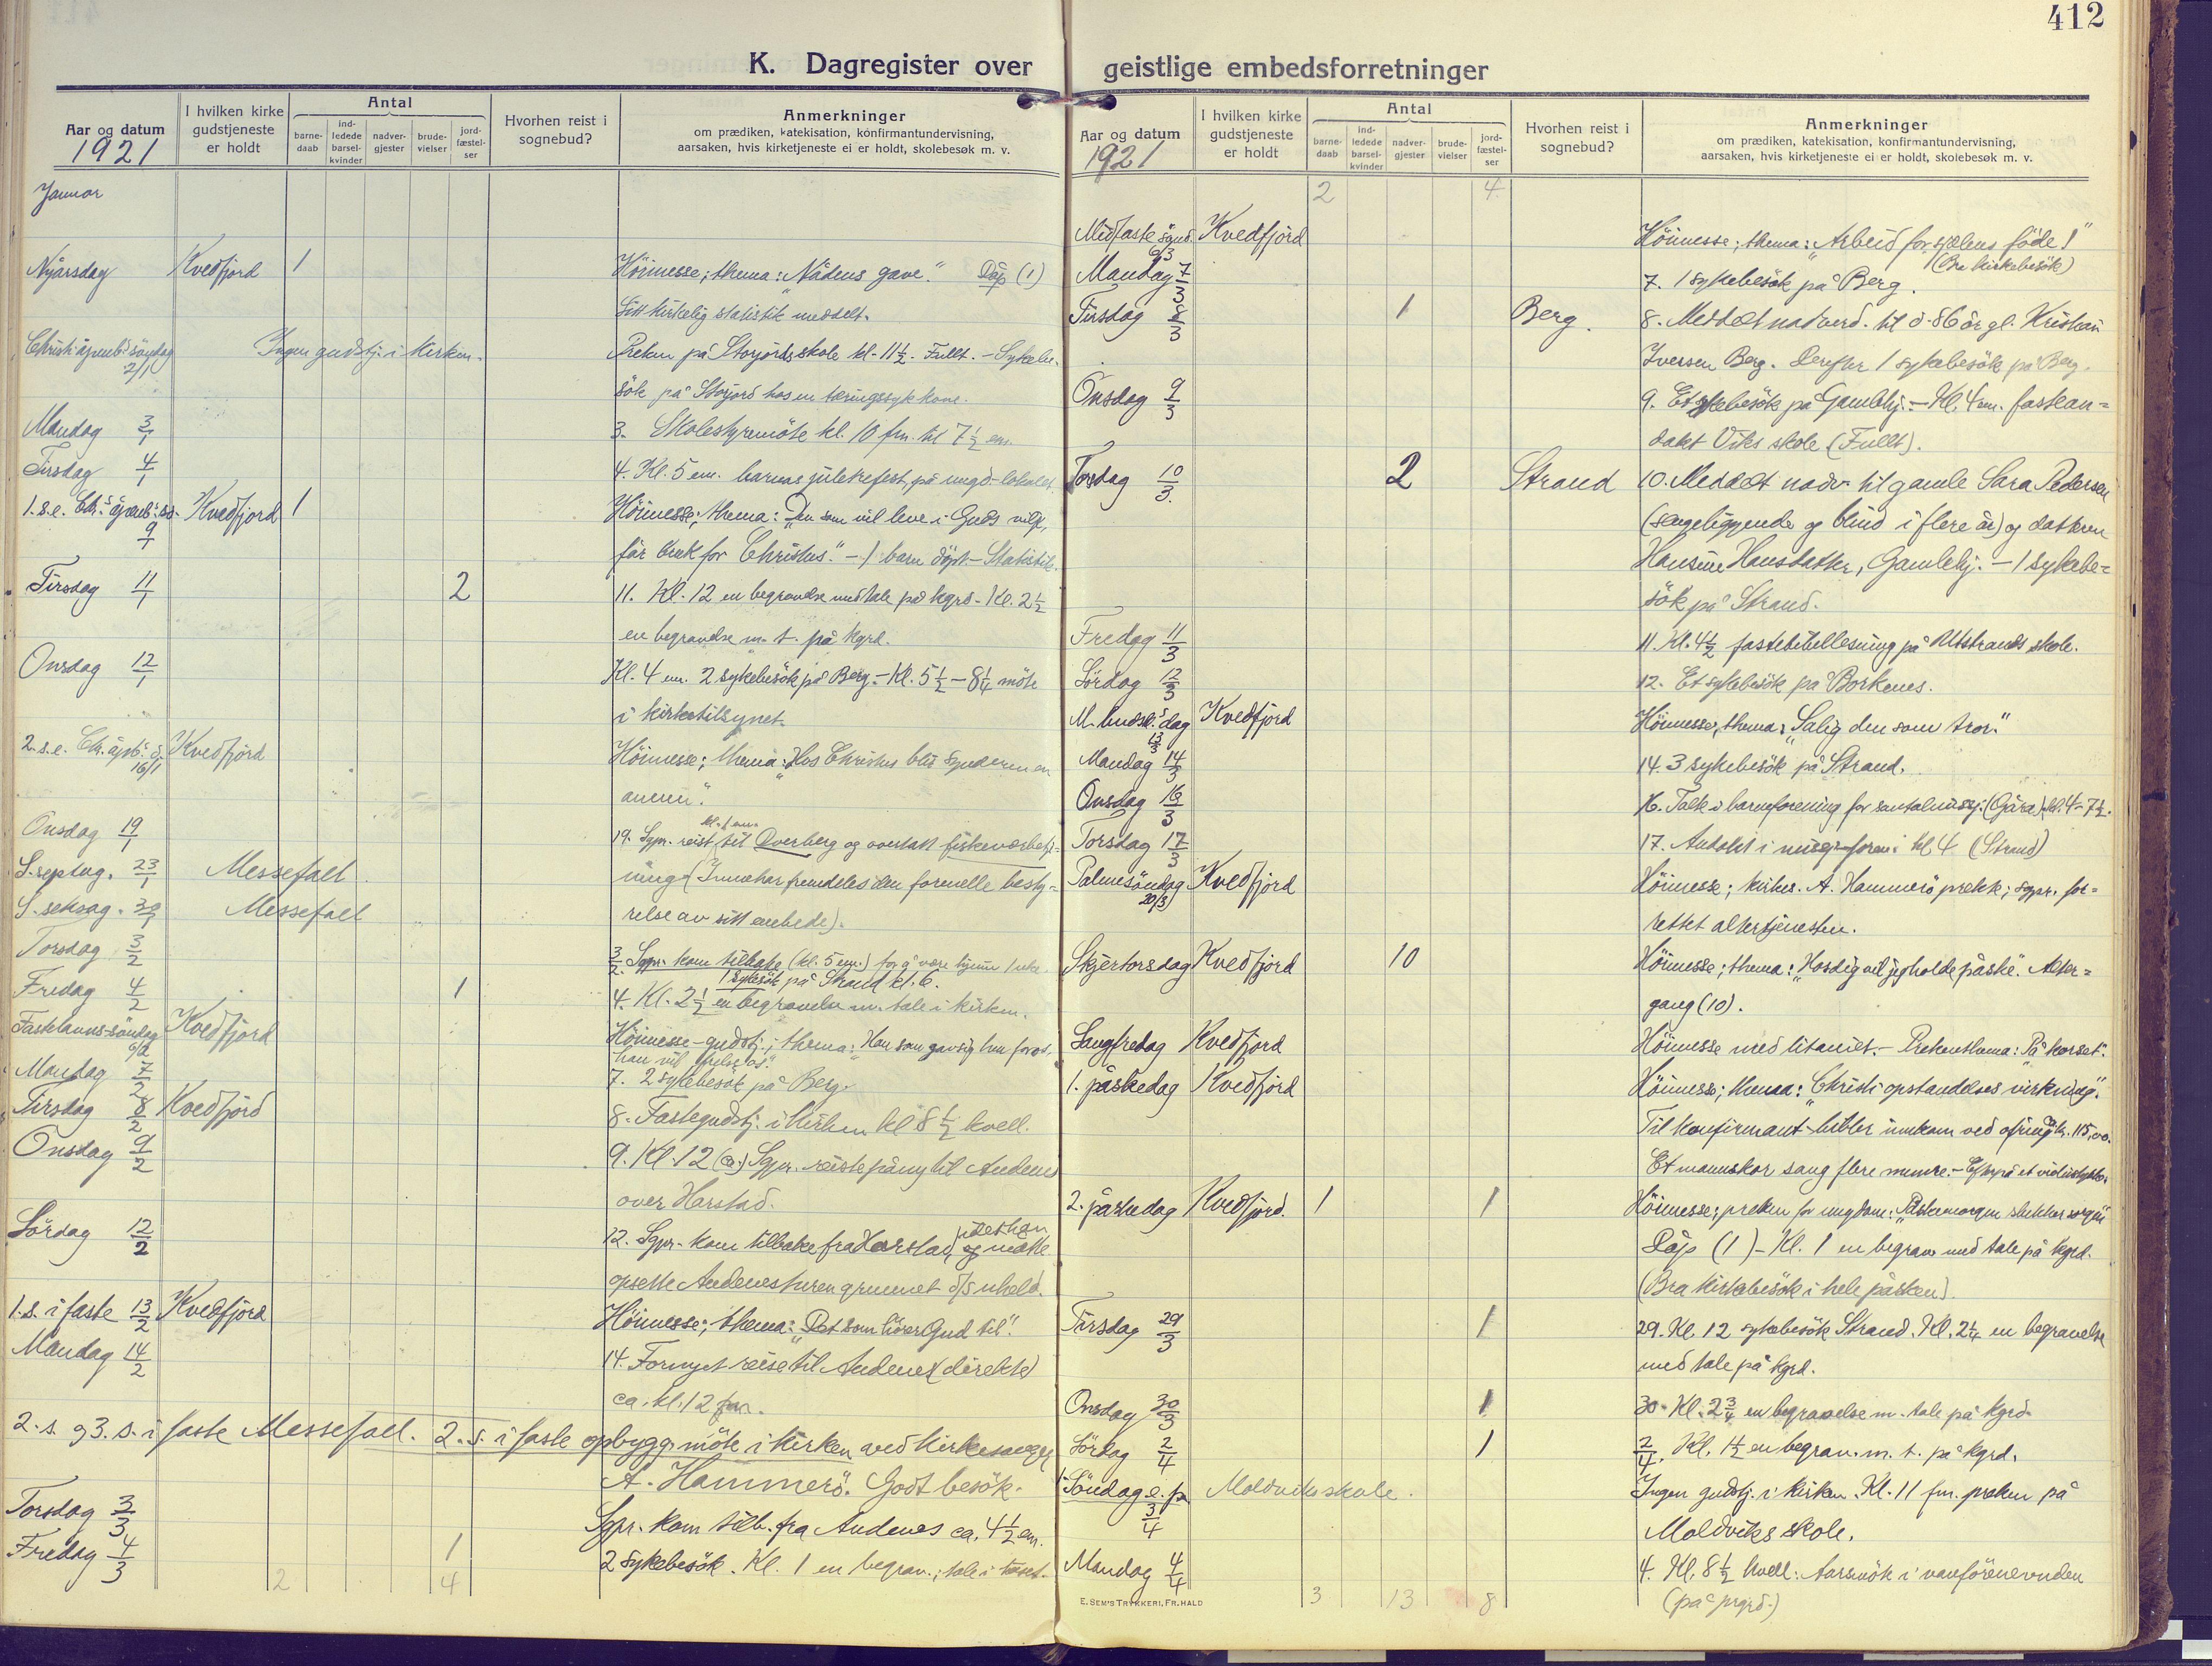 SATØ, Kvæfjord sokneprestkontor, G/Ga/Gaa/L0007kirke: Ministerialbok nr. 7, 1915-1931, s. 412